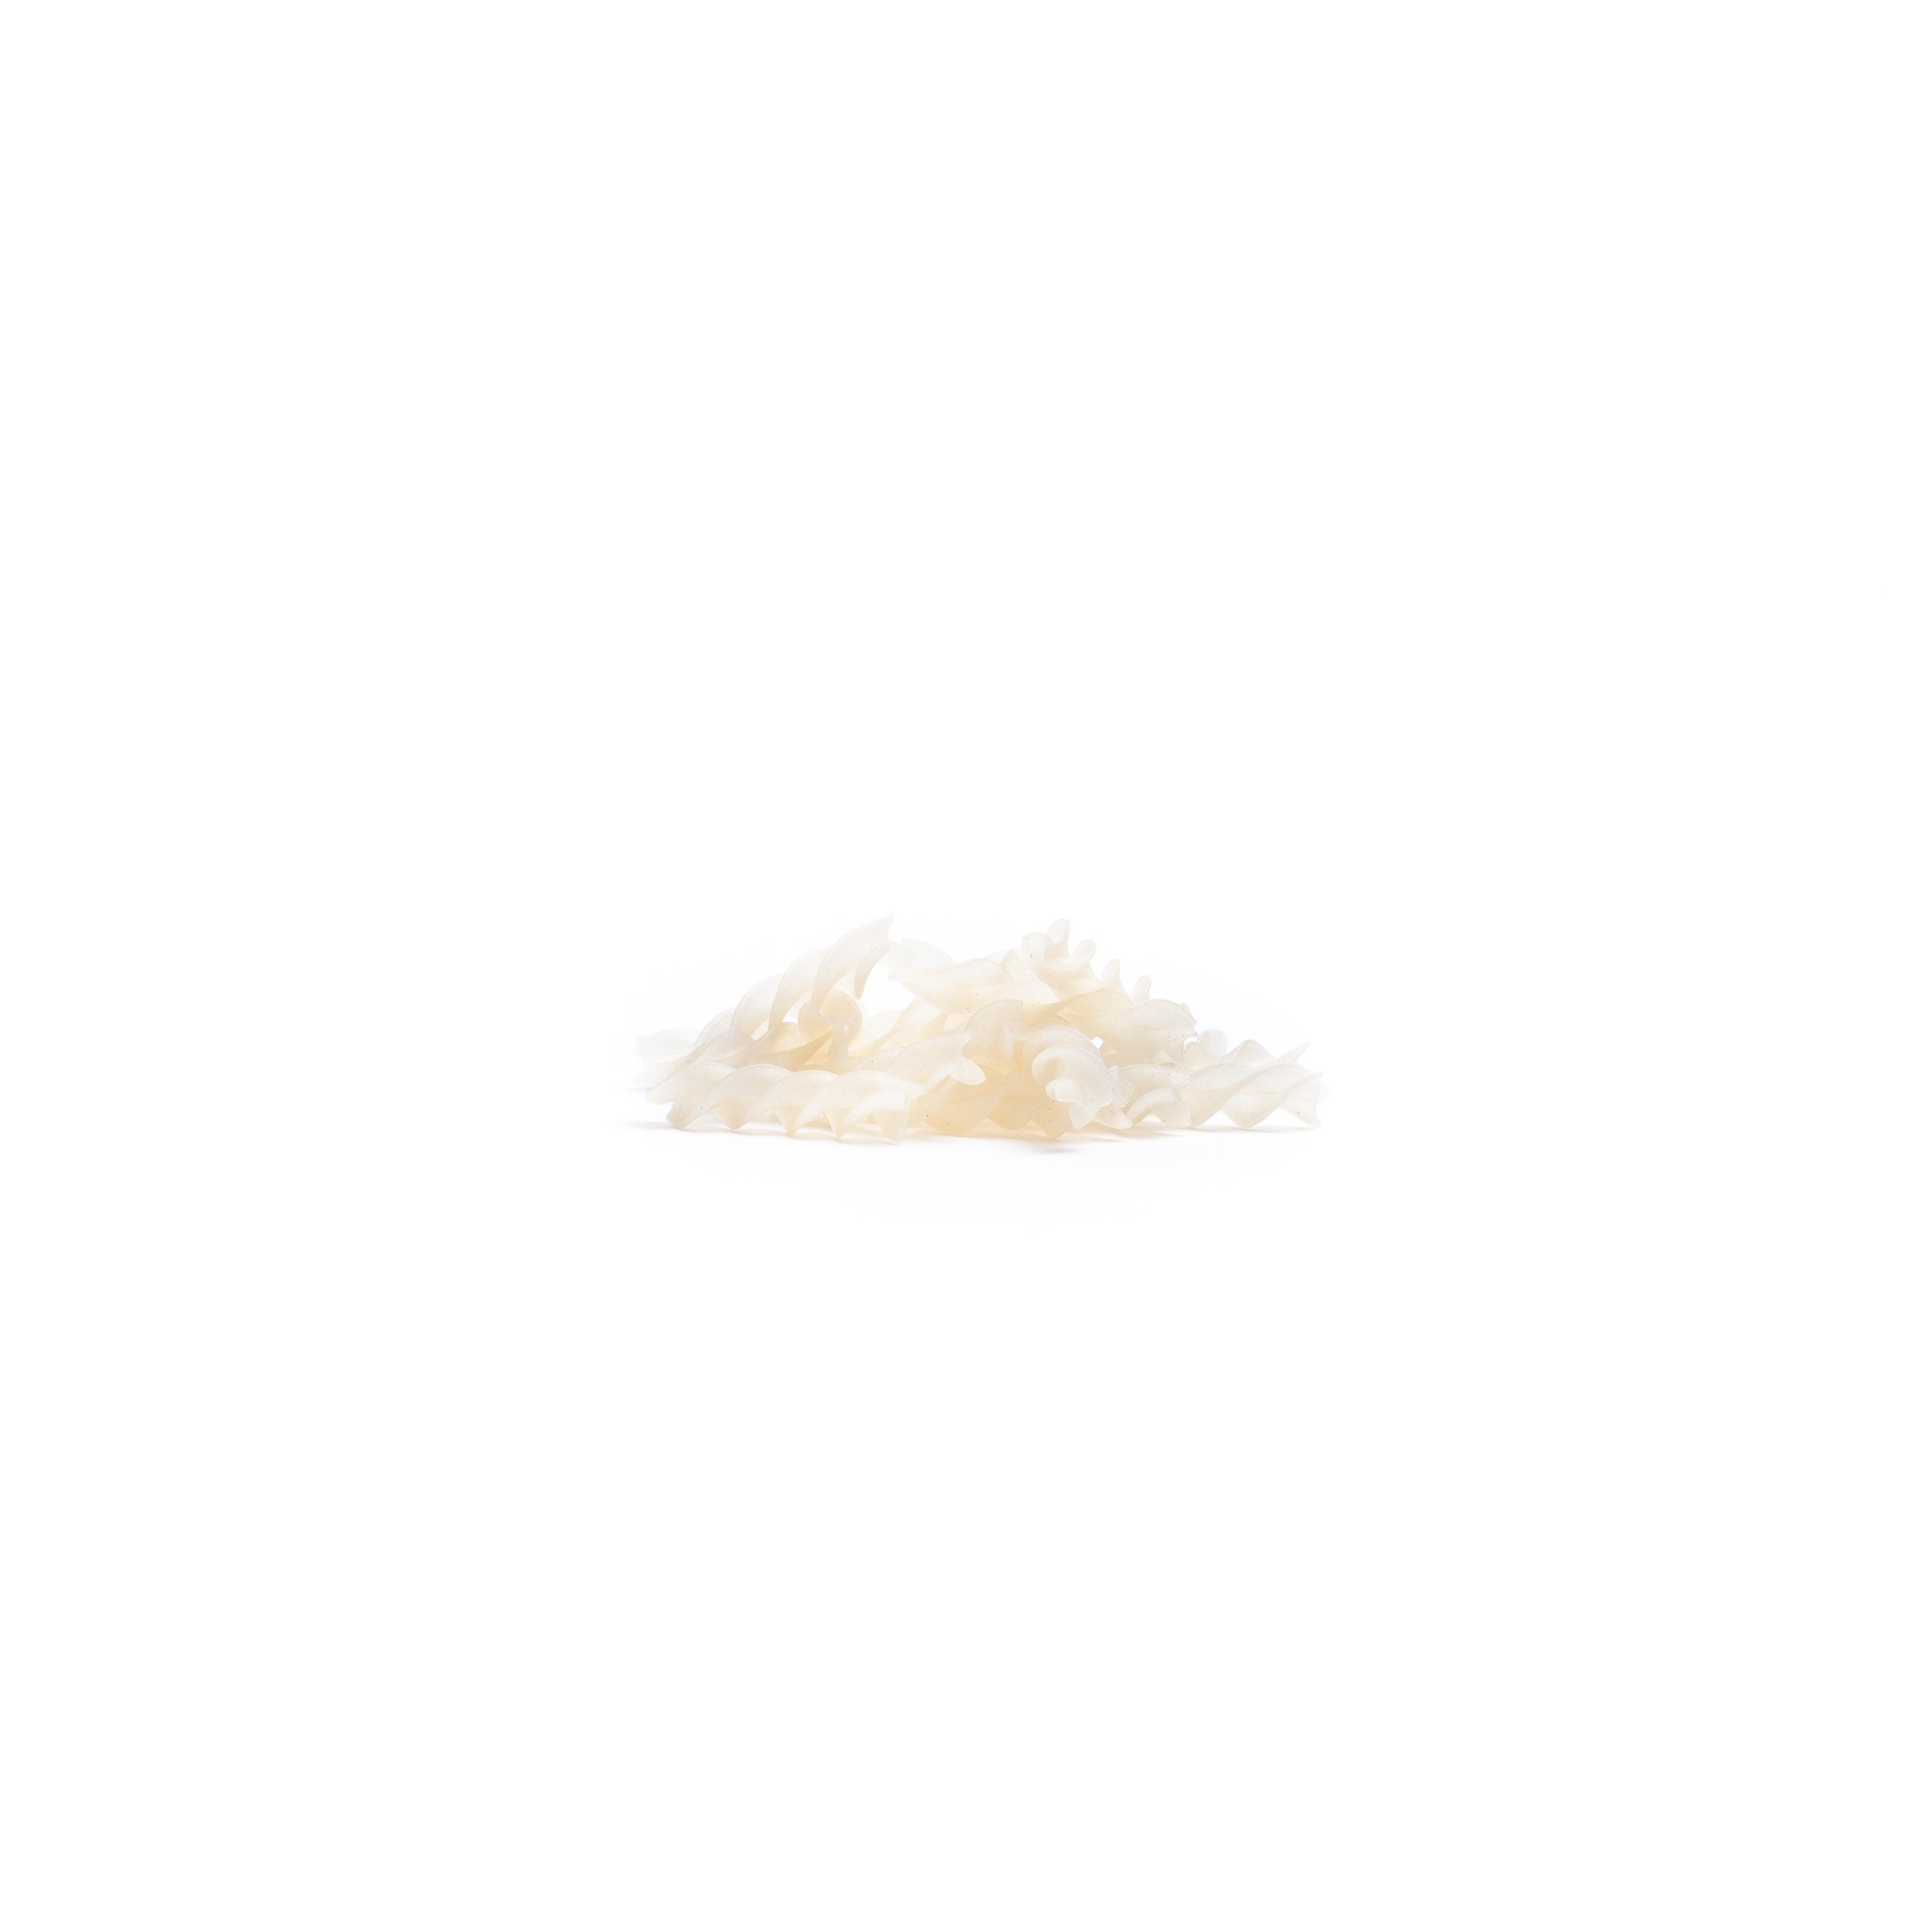 Fusilli Rice Pasta: Gluten Free